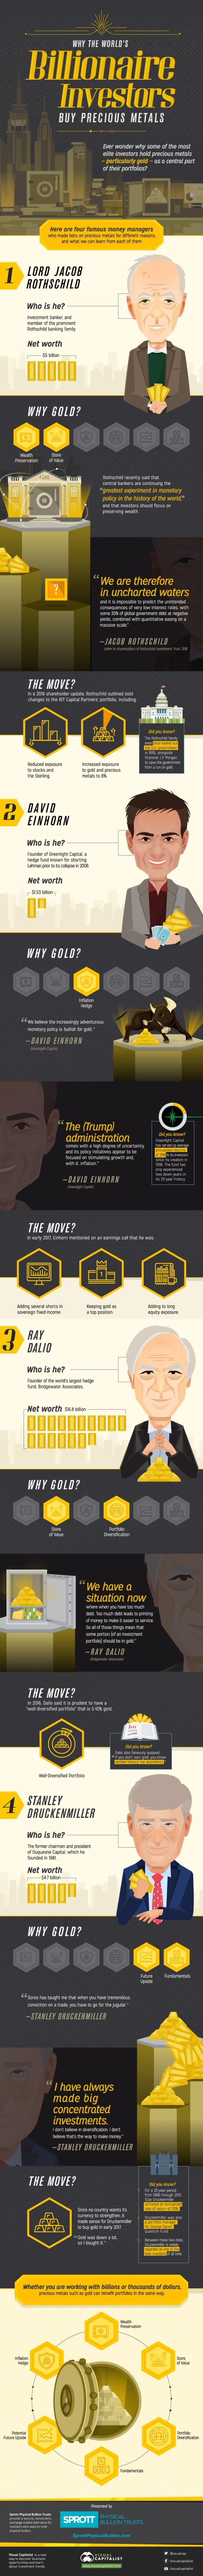 Billionaires Infographic